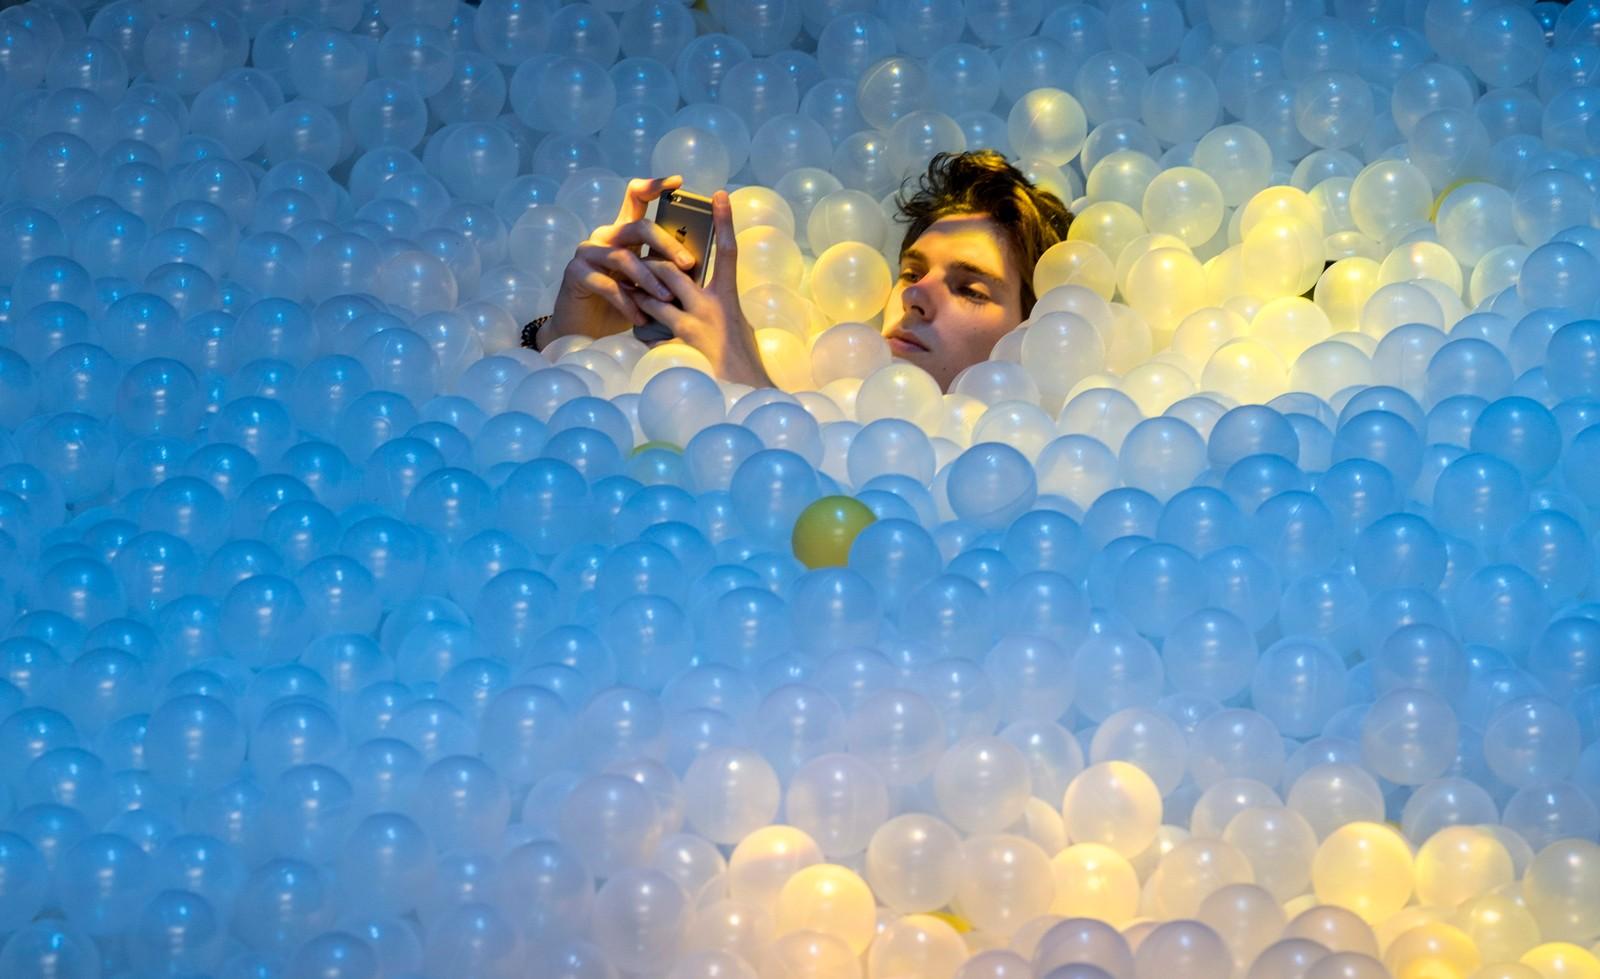 Hva er vel bedre til å huse idémyldring enn et svømmebasseng med plastballer, tenkte arrangørene av C2MTL business conference i Montreal, Canada denne uka. Konferansen har blitt kalt en forretningsversjon av Burning Man-festivalen, og deltagerne ble oppfordra til å ta på seg bind foran øynene før de kasta seg ut i plast-bassenget.